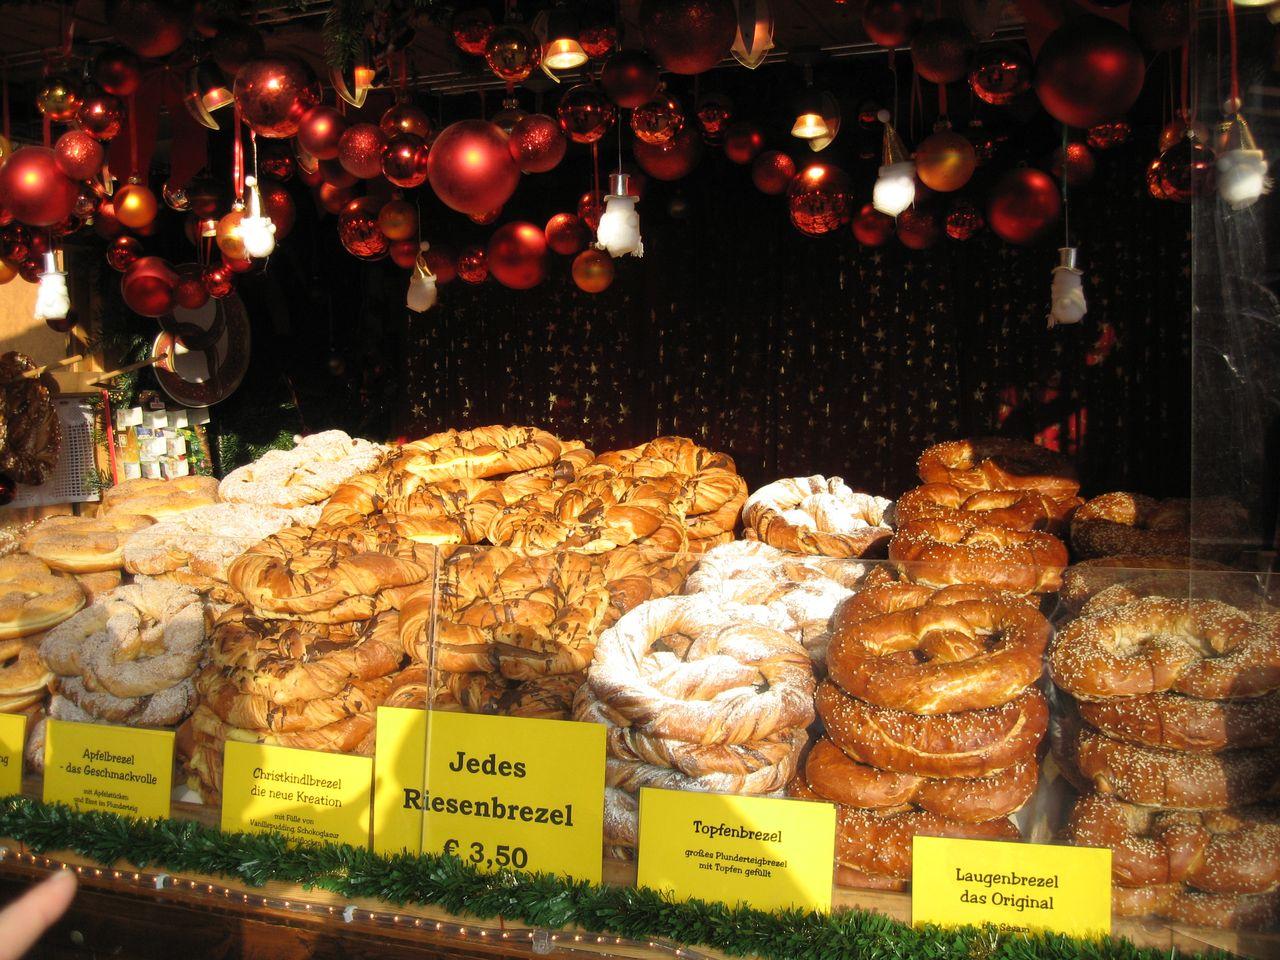 Венские Рождественские базары (от Андрея)